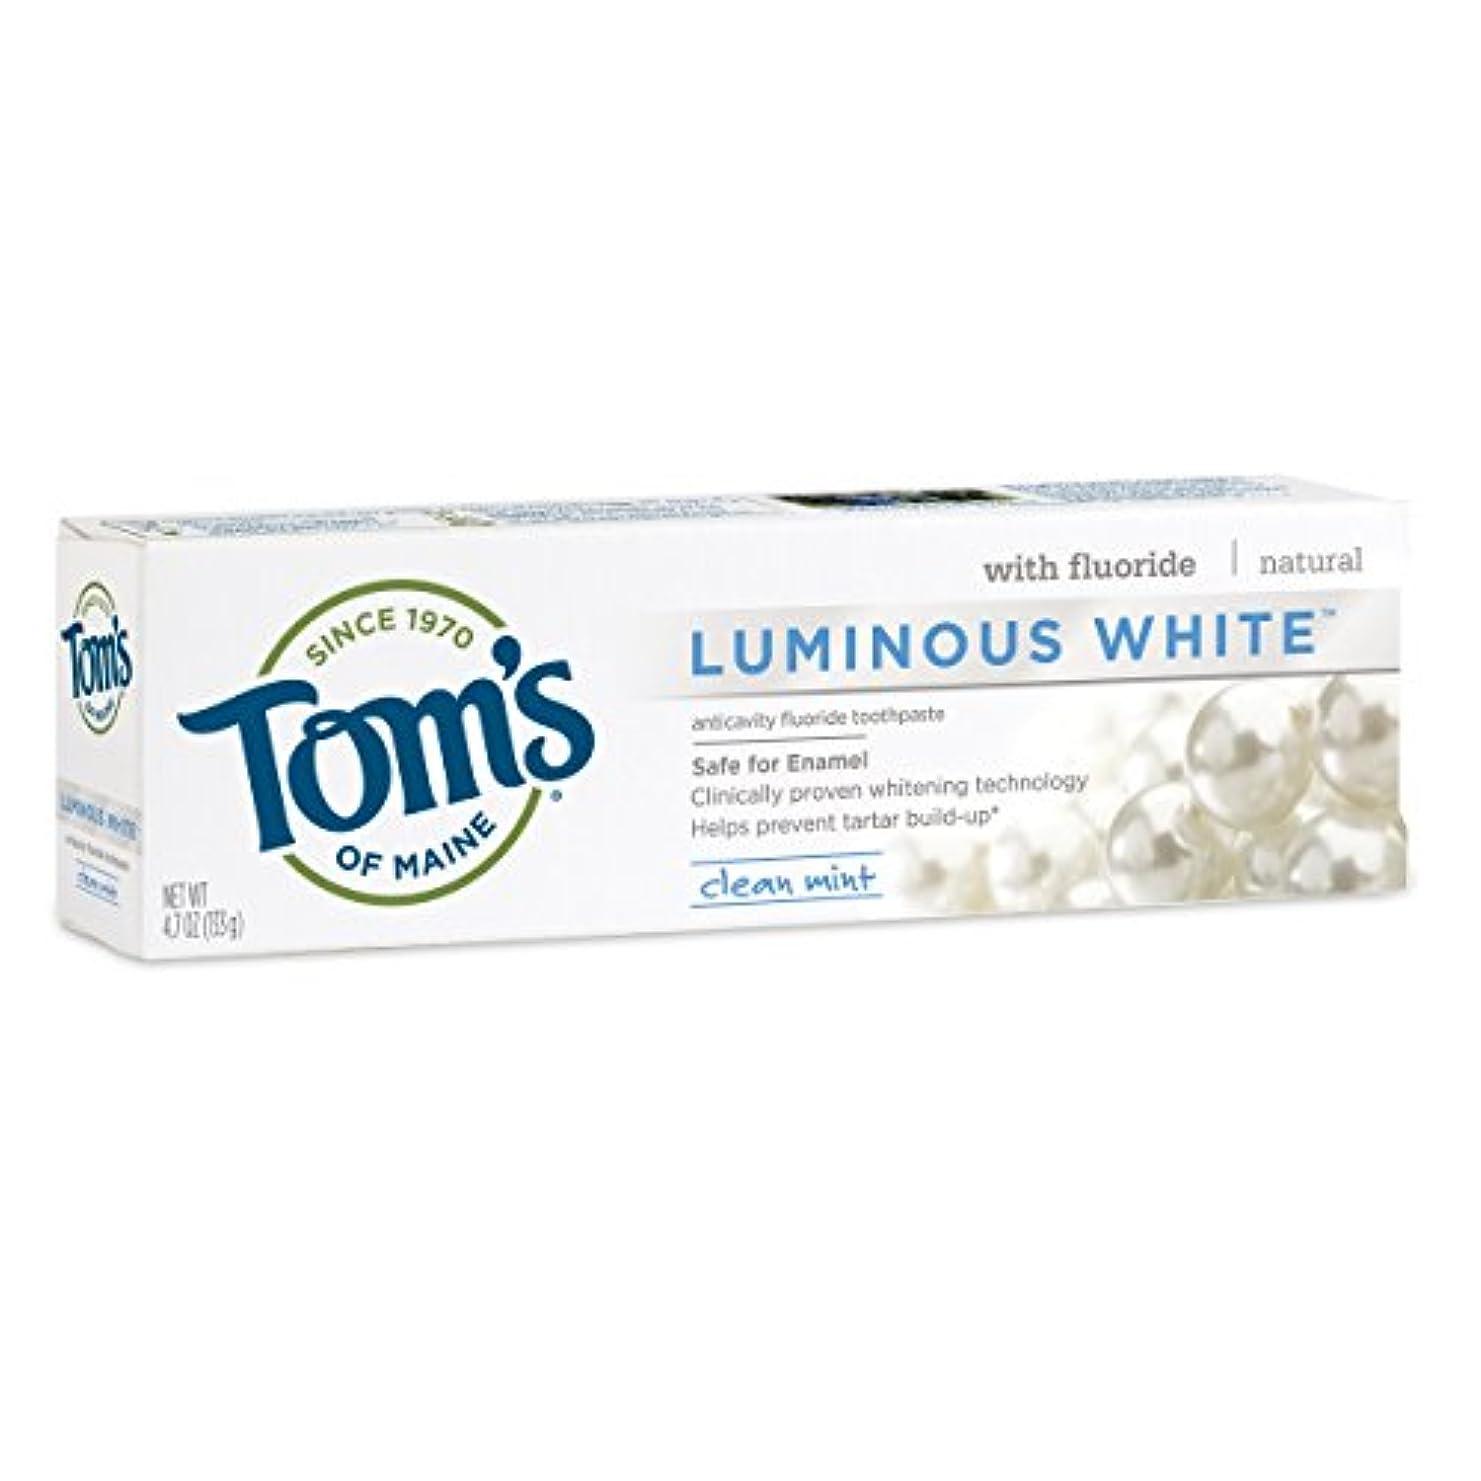 カトリック教徒ホバート胚芽Tom's of Maine Luminous White Whitening Natural Toothpaste, Clean Mint, 4.7 Ounトムズルミナスホワイト